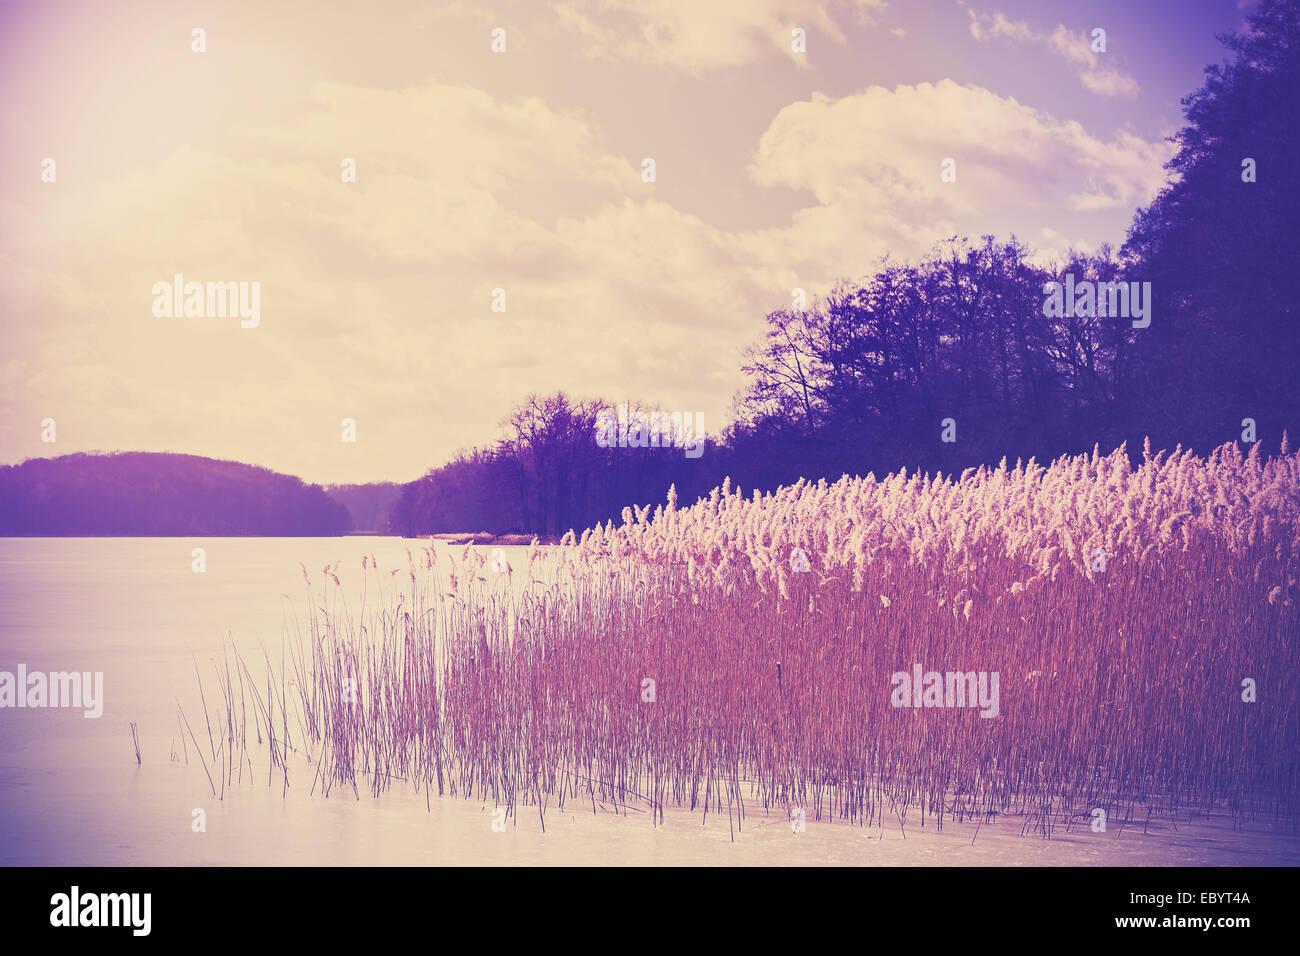 Vintage retrò immagine dai toni del lago d'inverno. Foto Stock